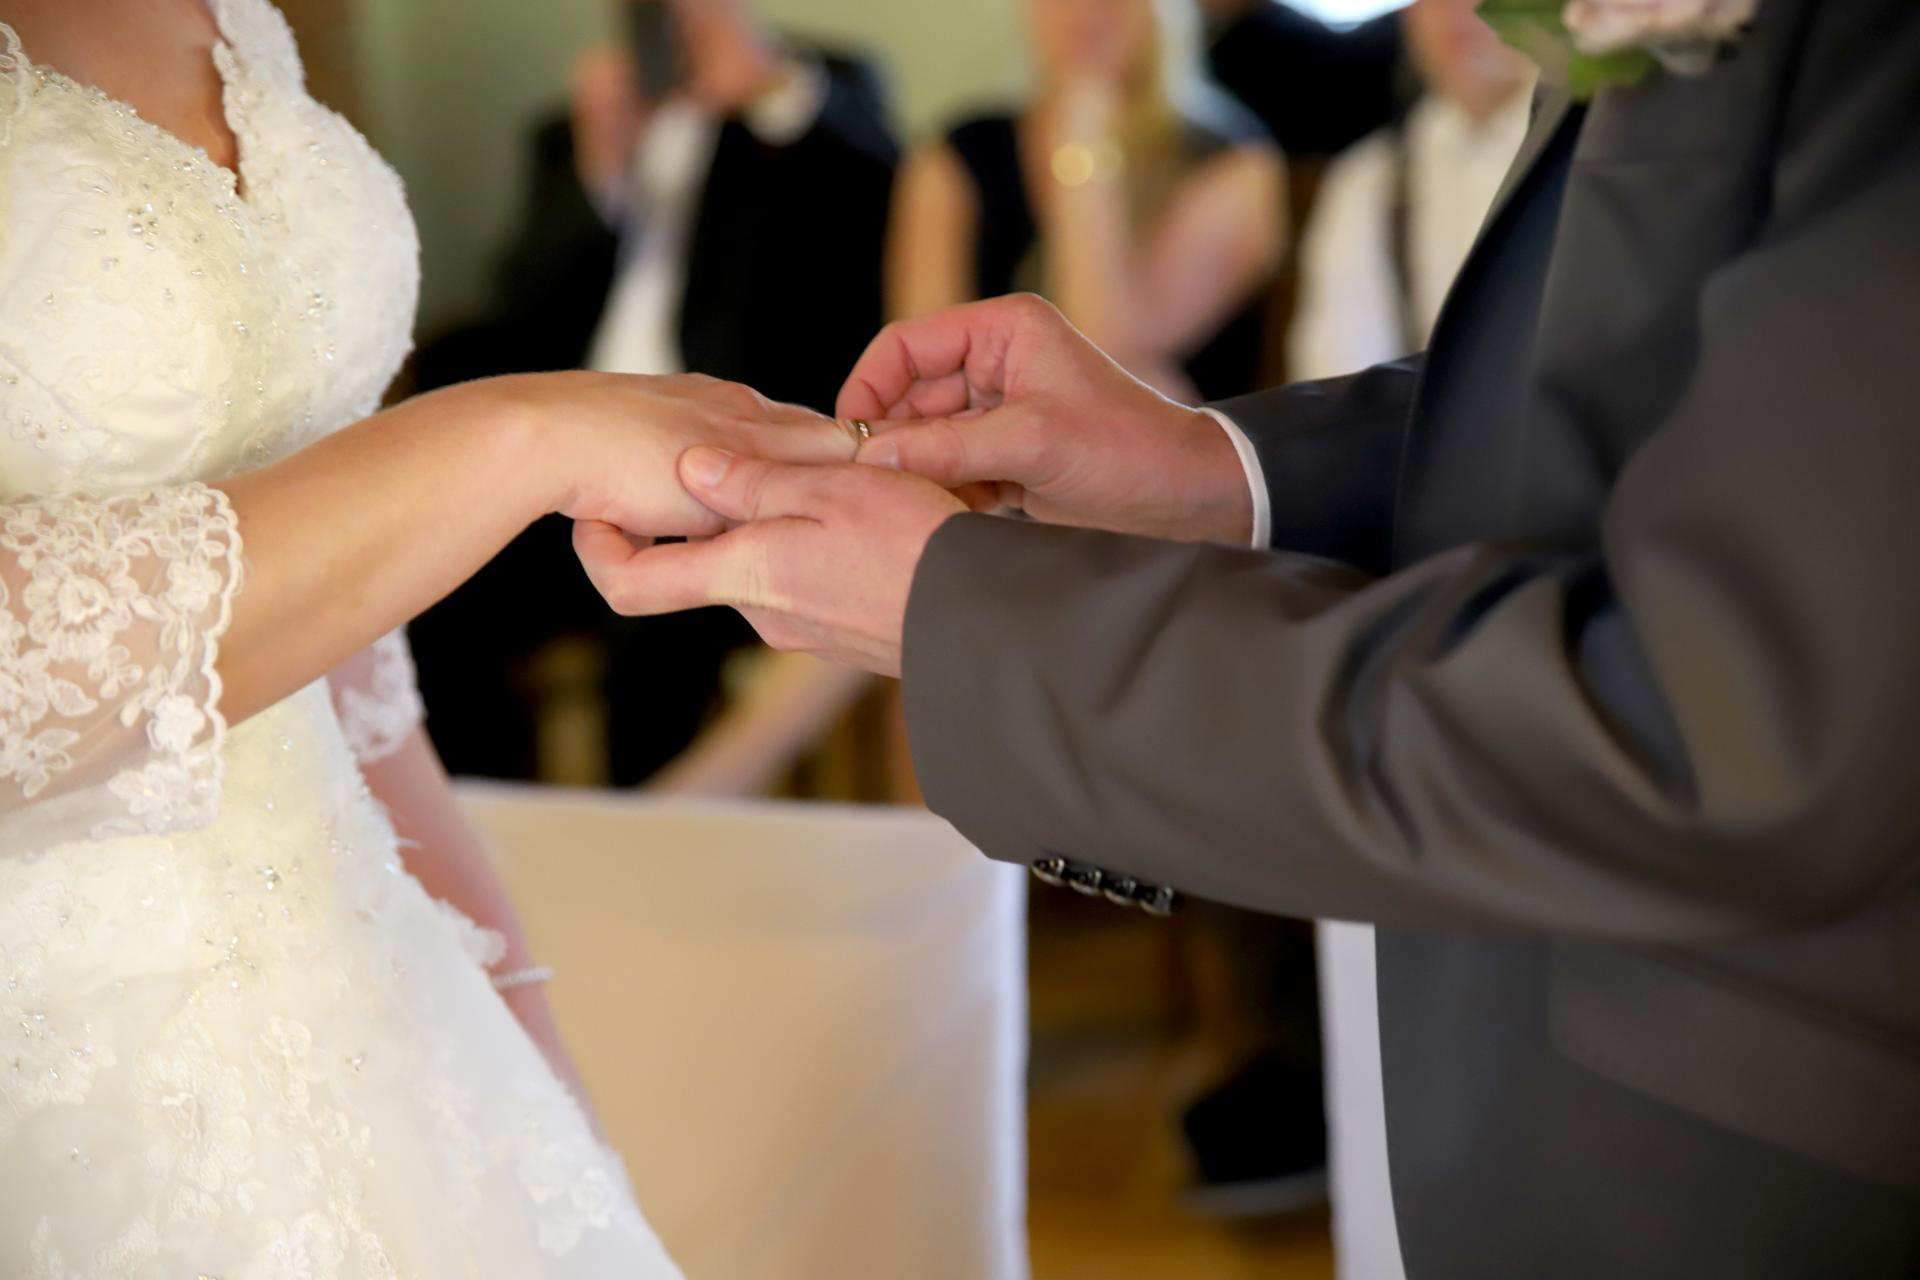 Ringübergabe während einer Trauung (Foto: Stadtverwaltung Treuenbrietzen)